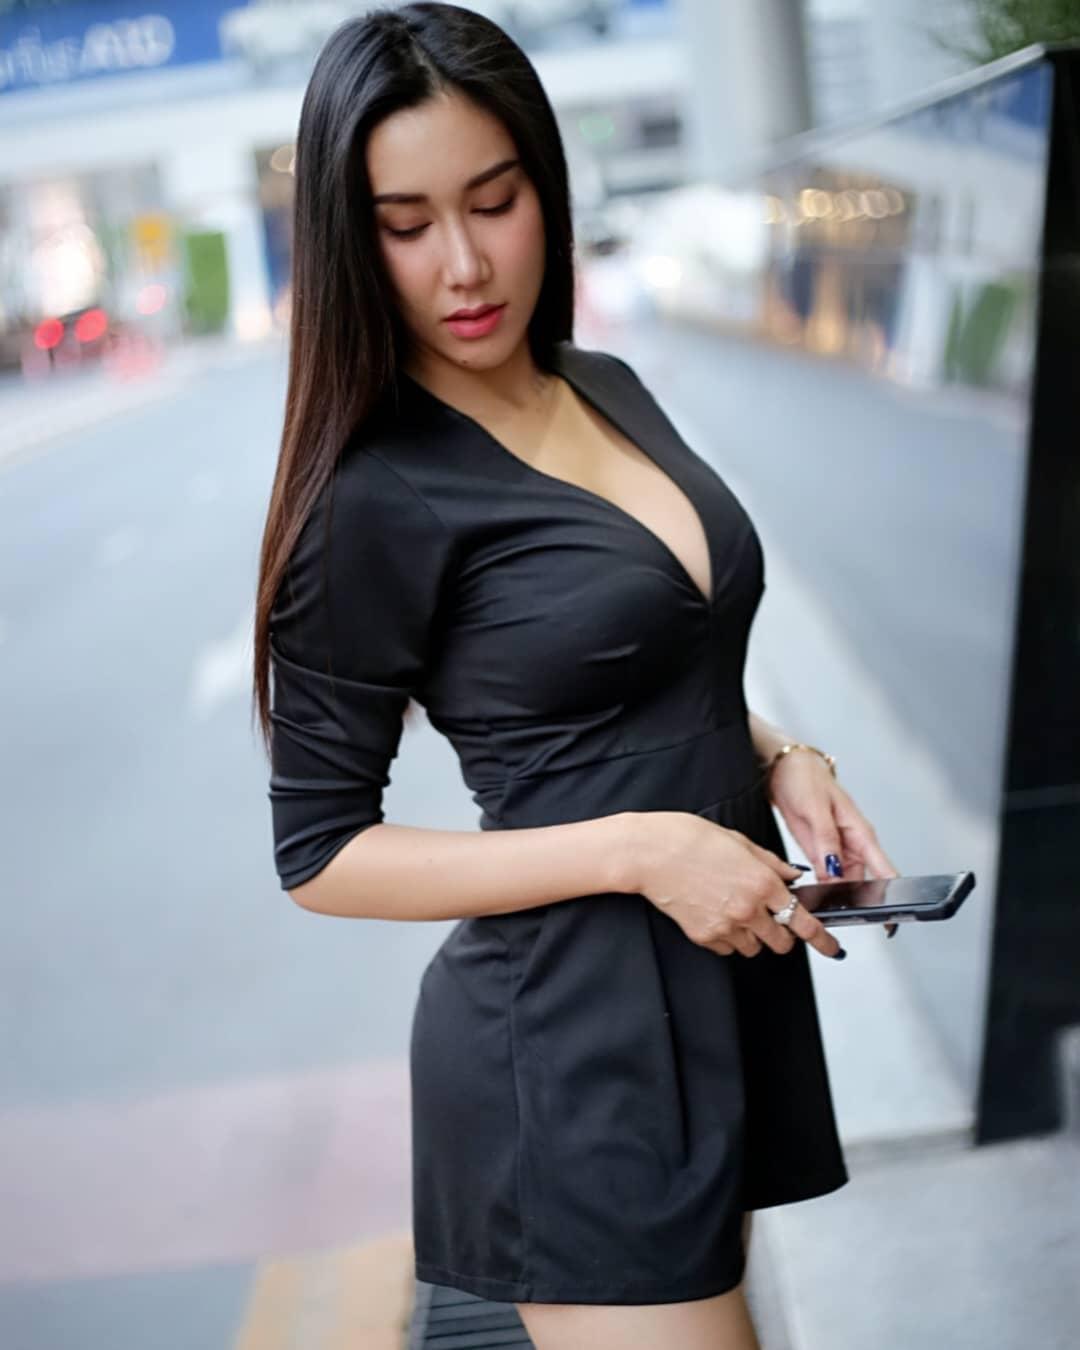 大尺度秀白乳罩不住 極品乳溝曲線吸睛全場 - 亞洲美女 -